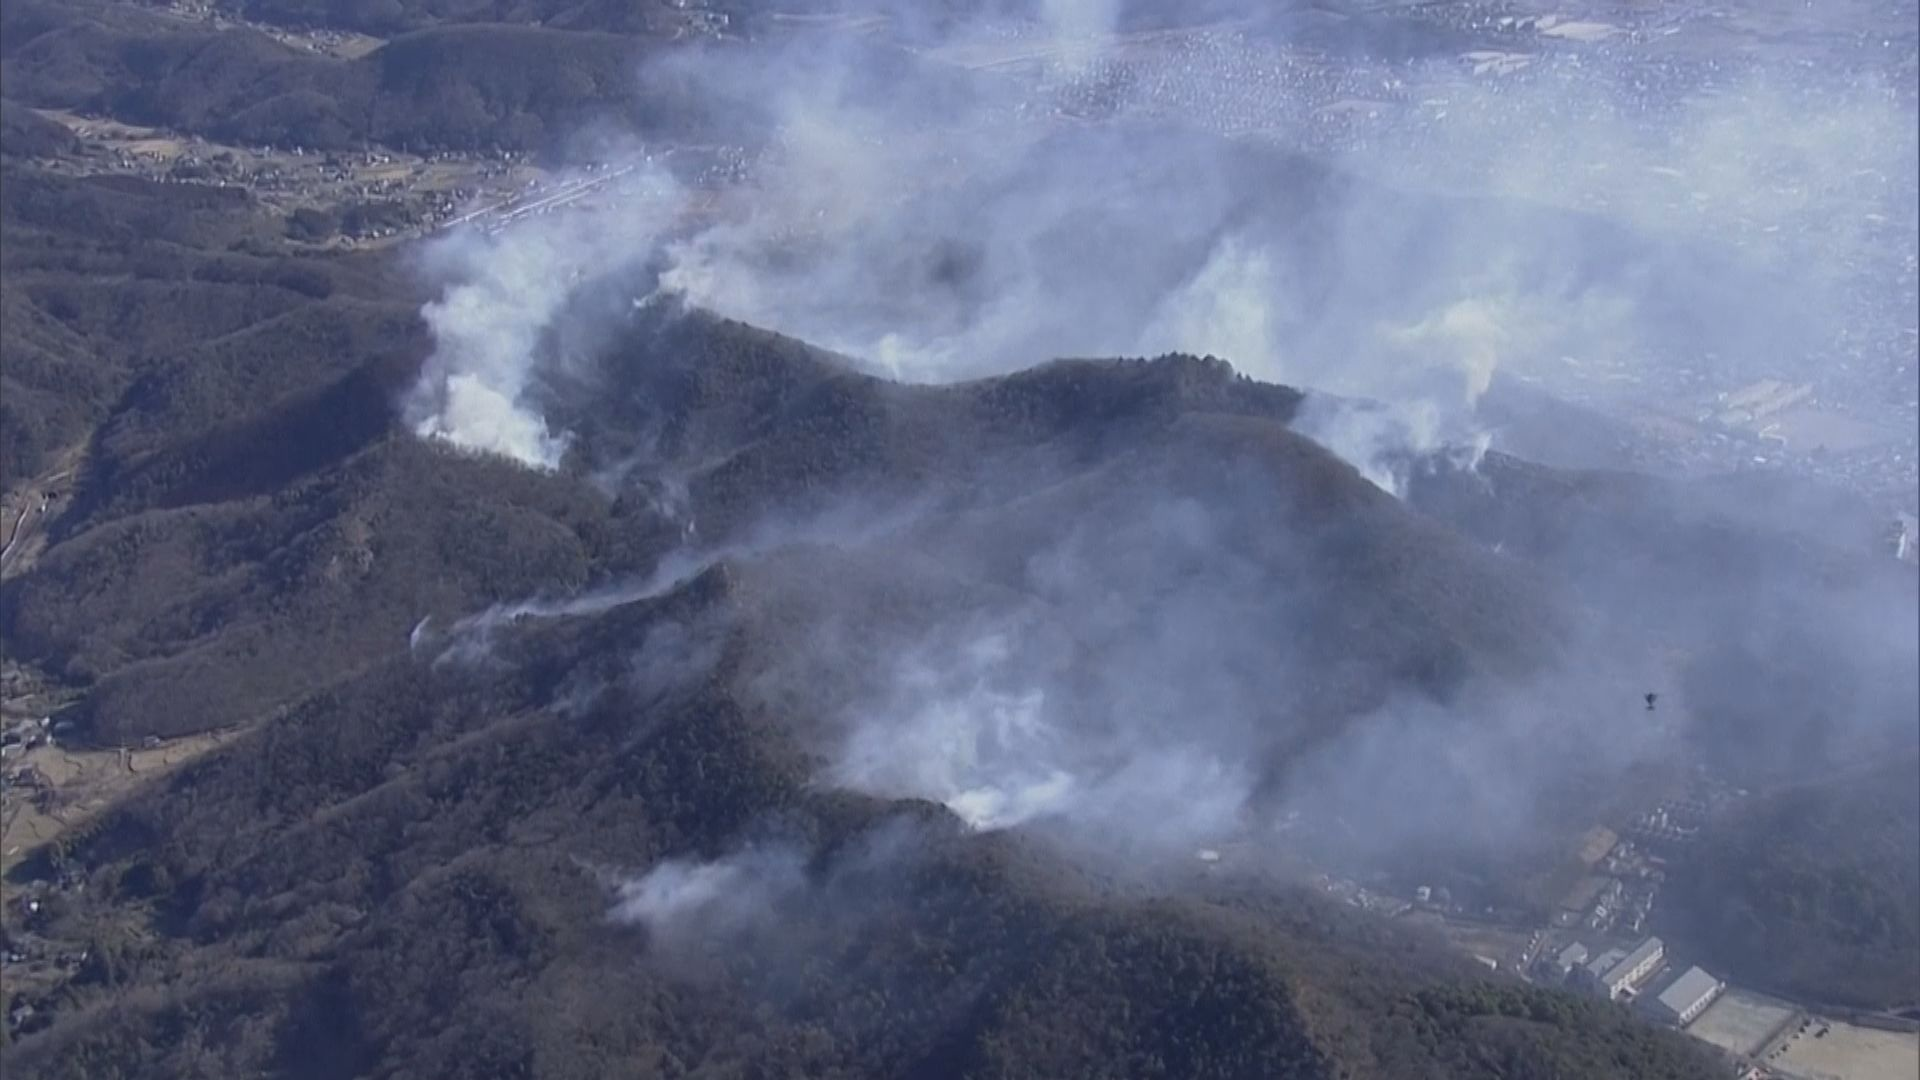 日本多處發生山火 至少一人傷